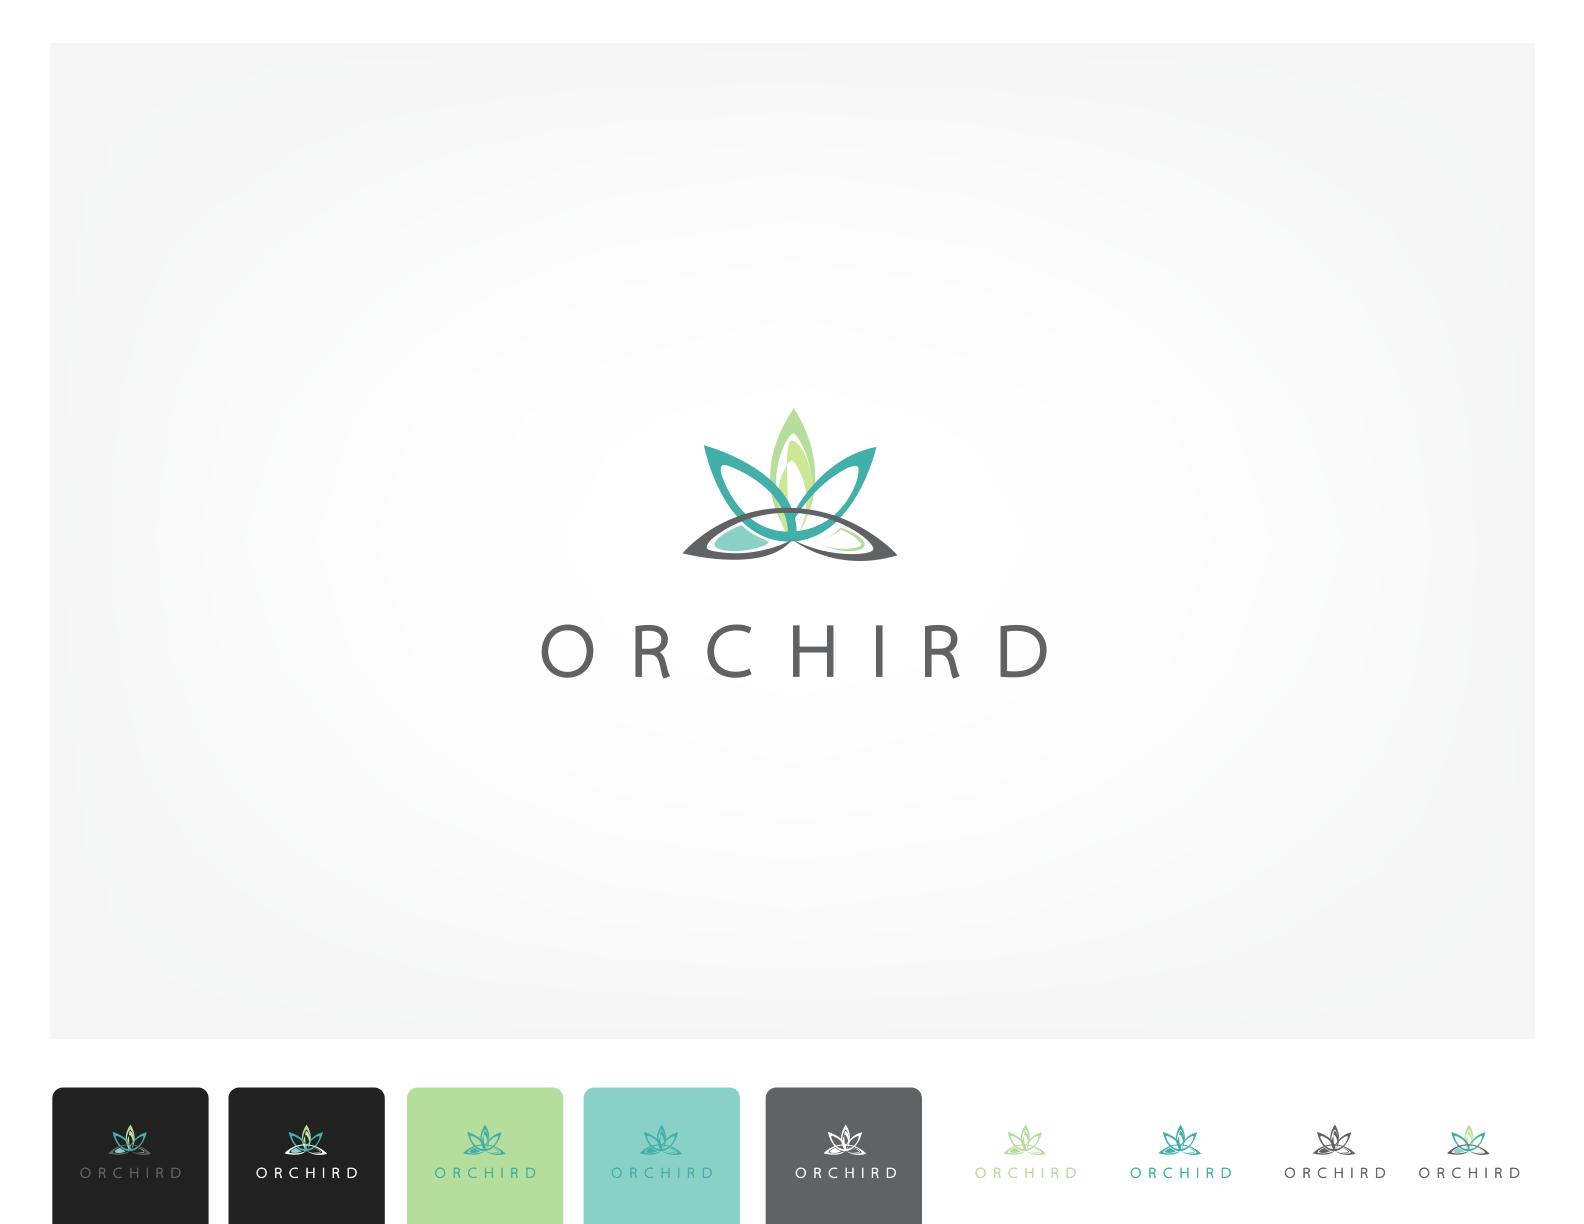 Orchird needs a new logo